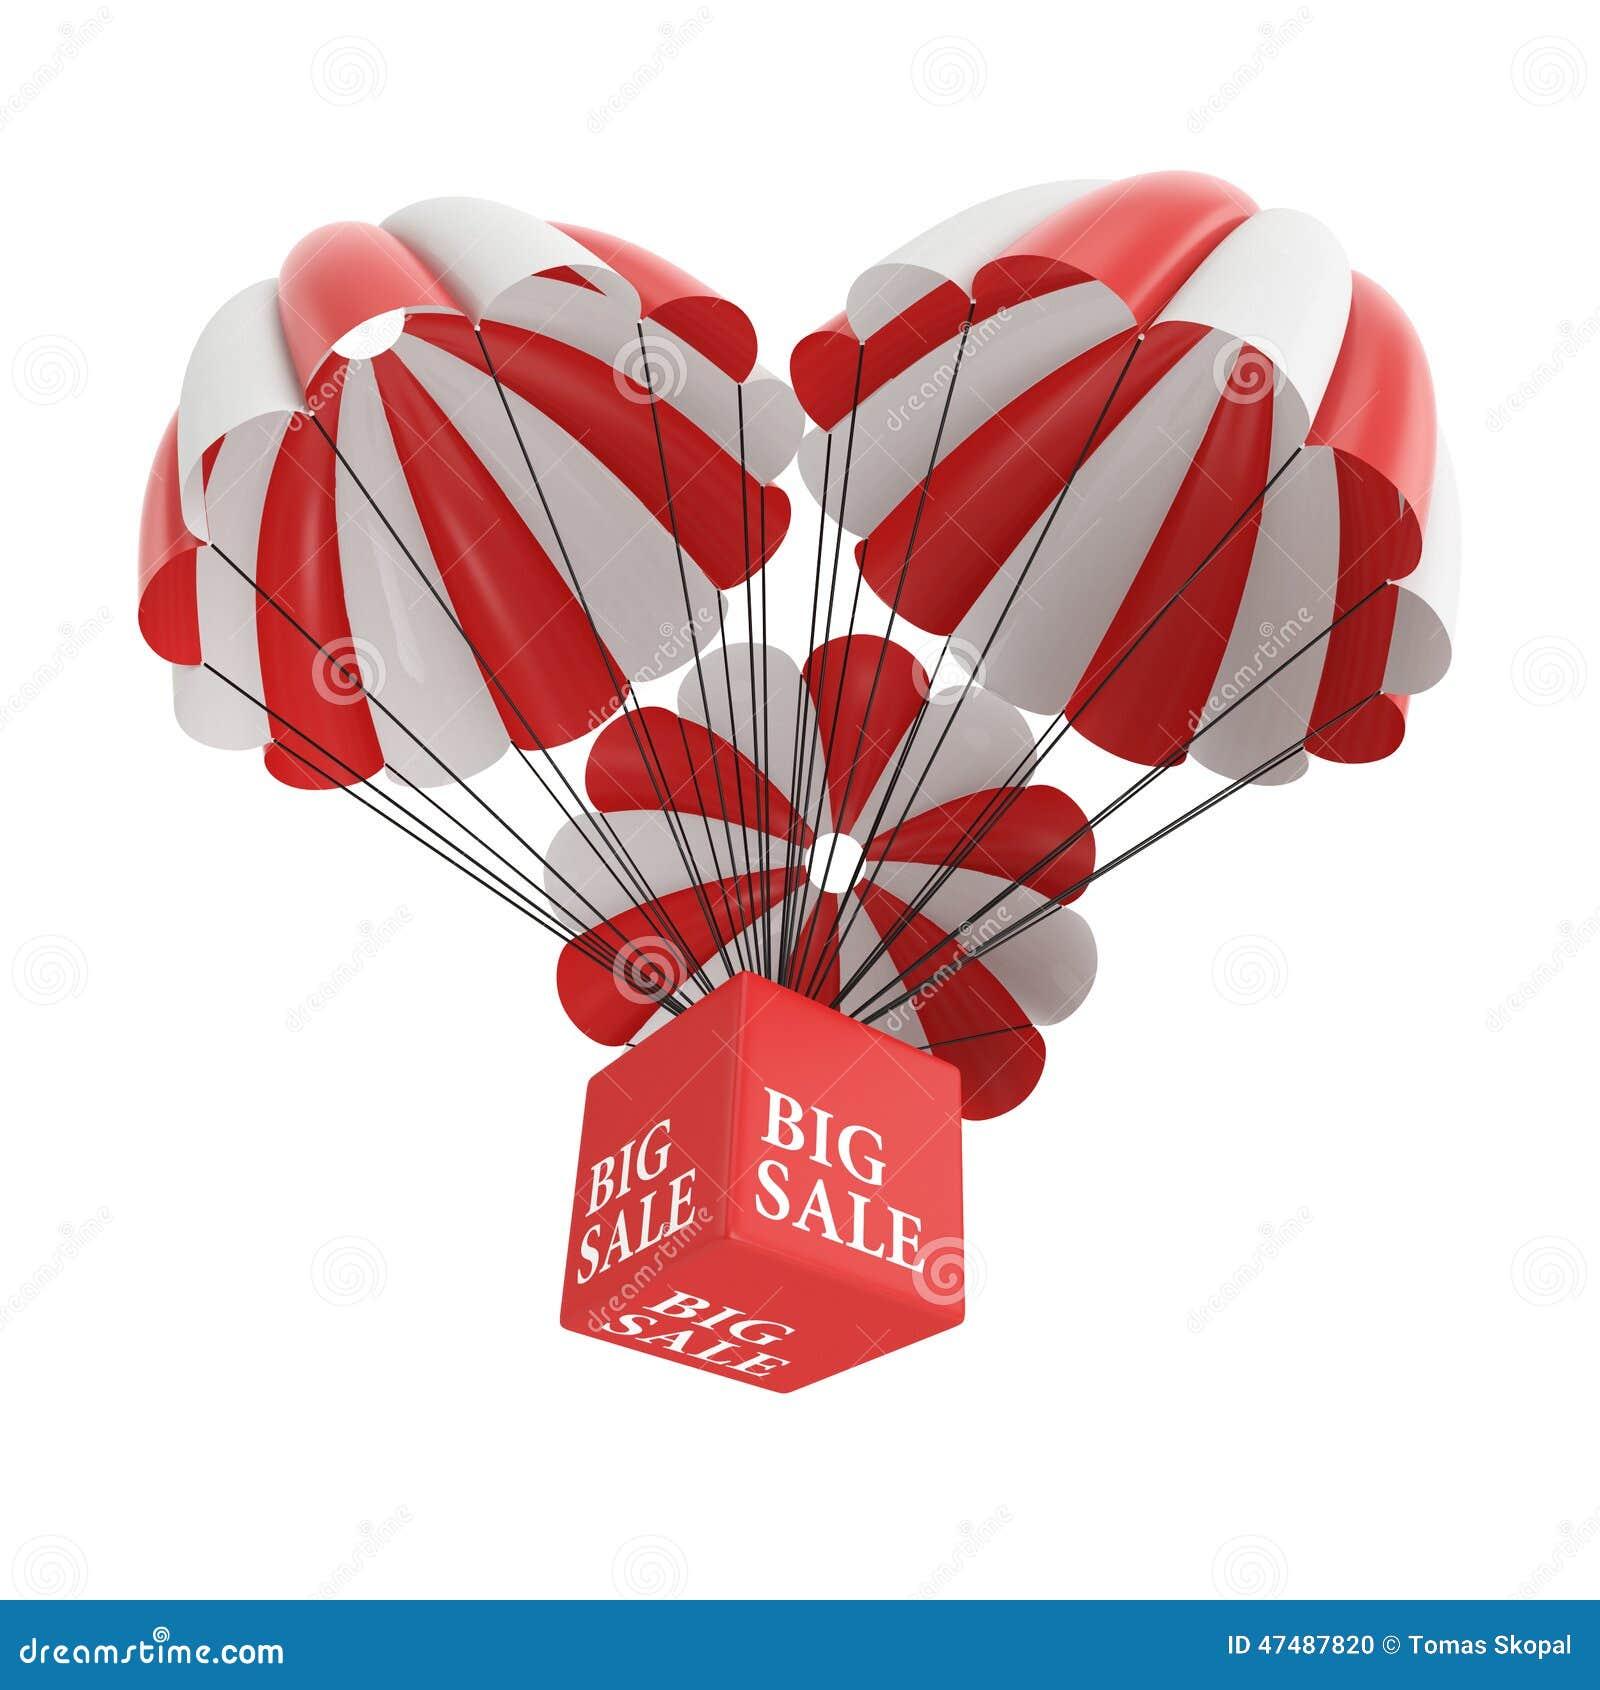 Big sale parachute